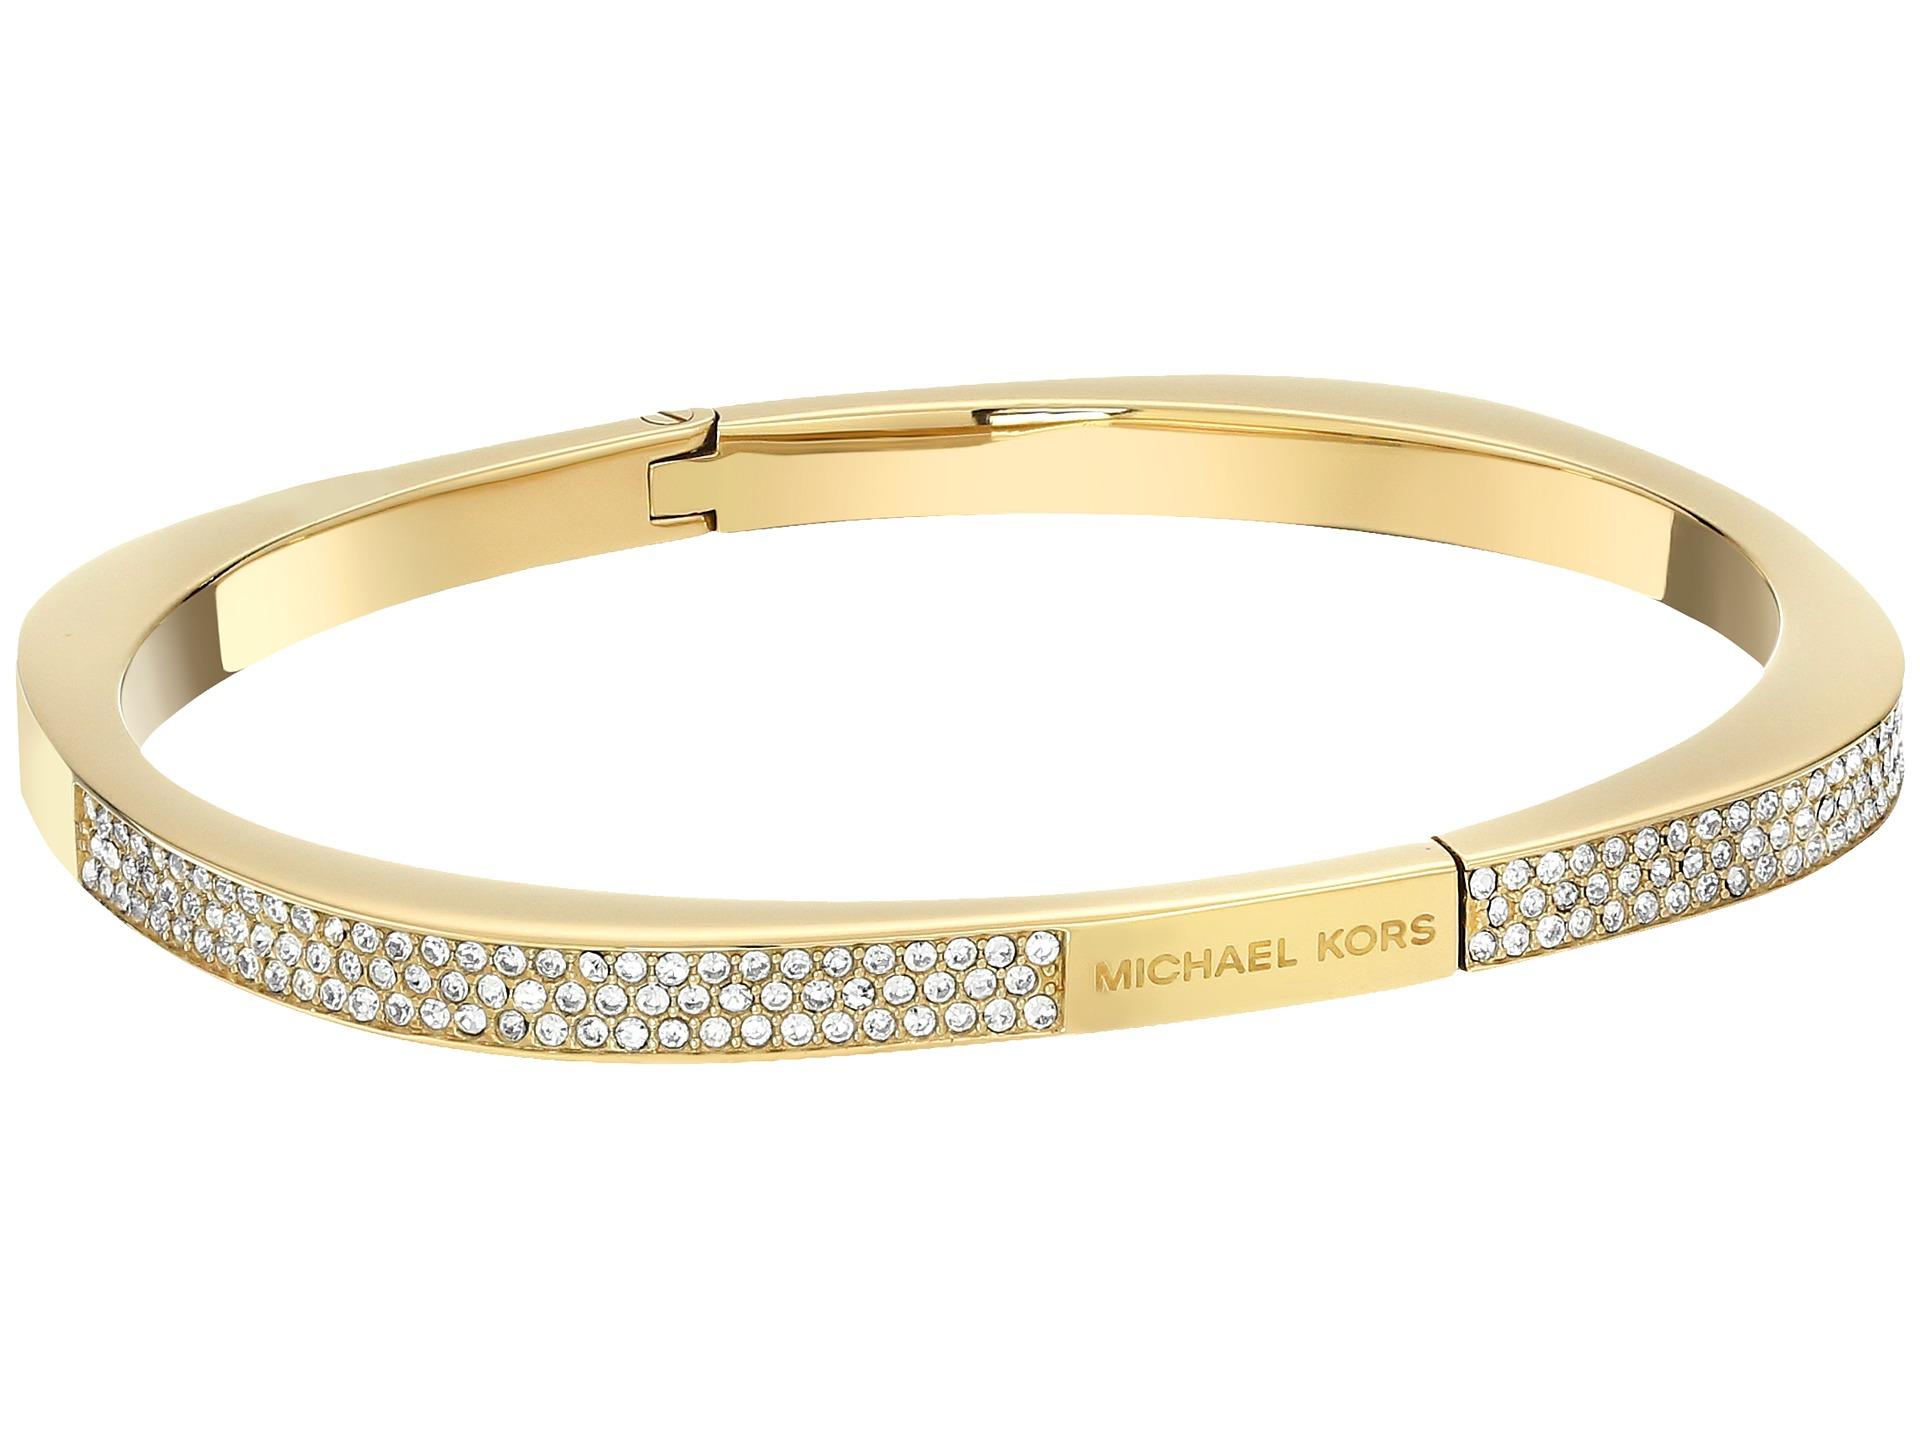 michael kors brilliance bracelet gold free. Black Bedroom Furniture Sets. Home Design Ideas